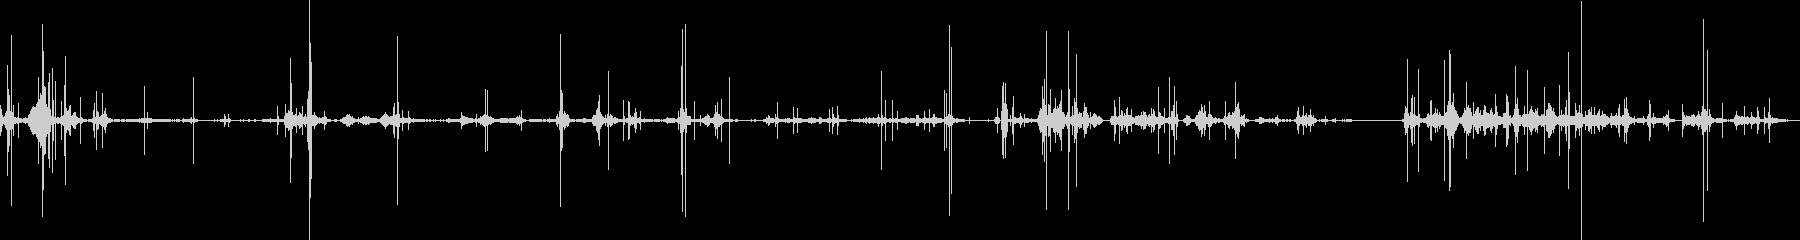 紙くずシャッフルクシャクシャの未再生の波形